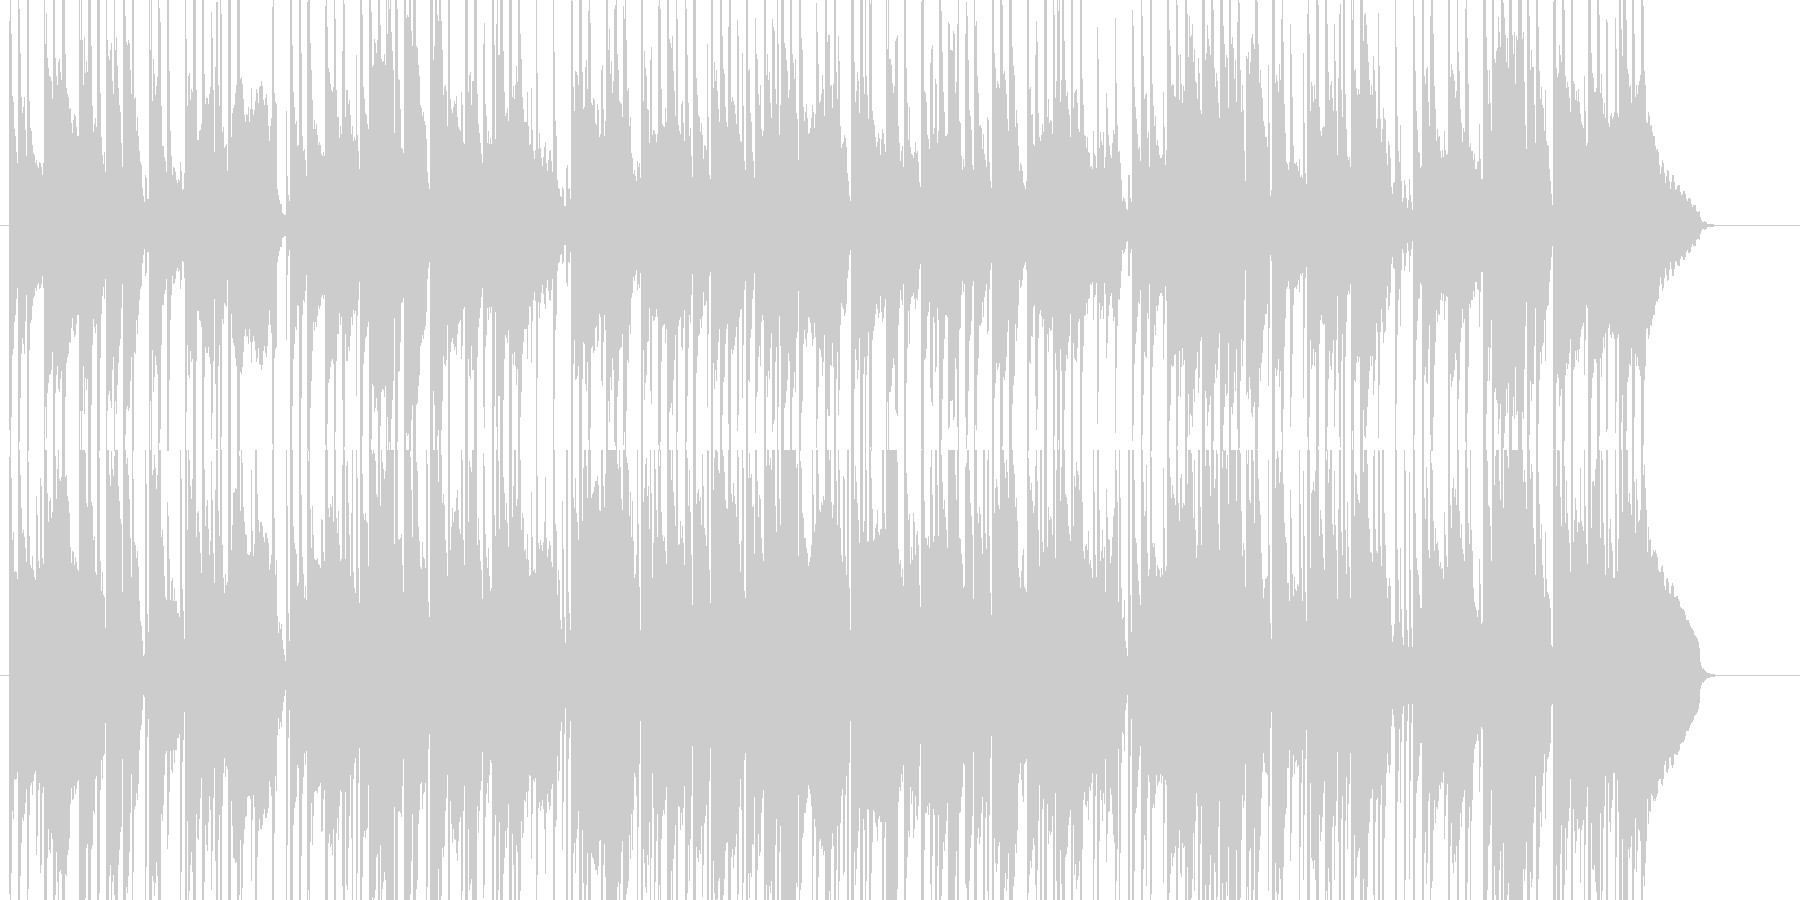 夏祭りをイメージした和楽器BGMの未再生の波形